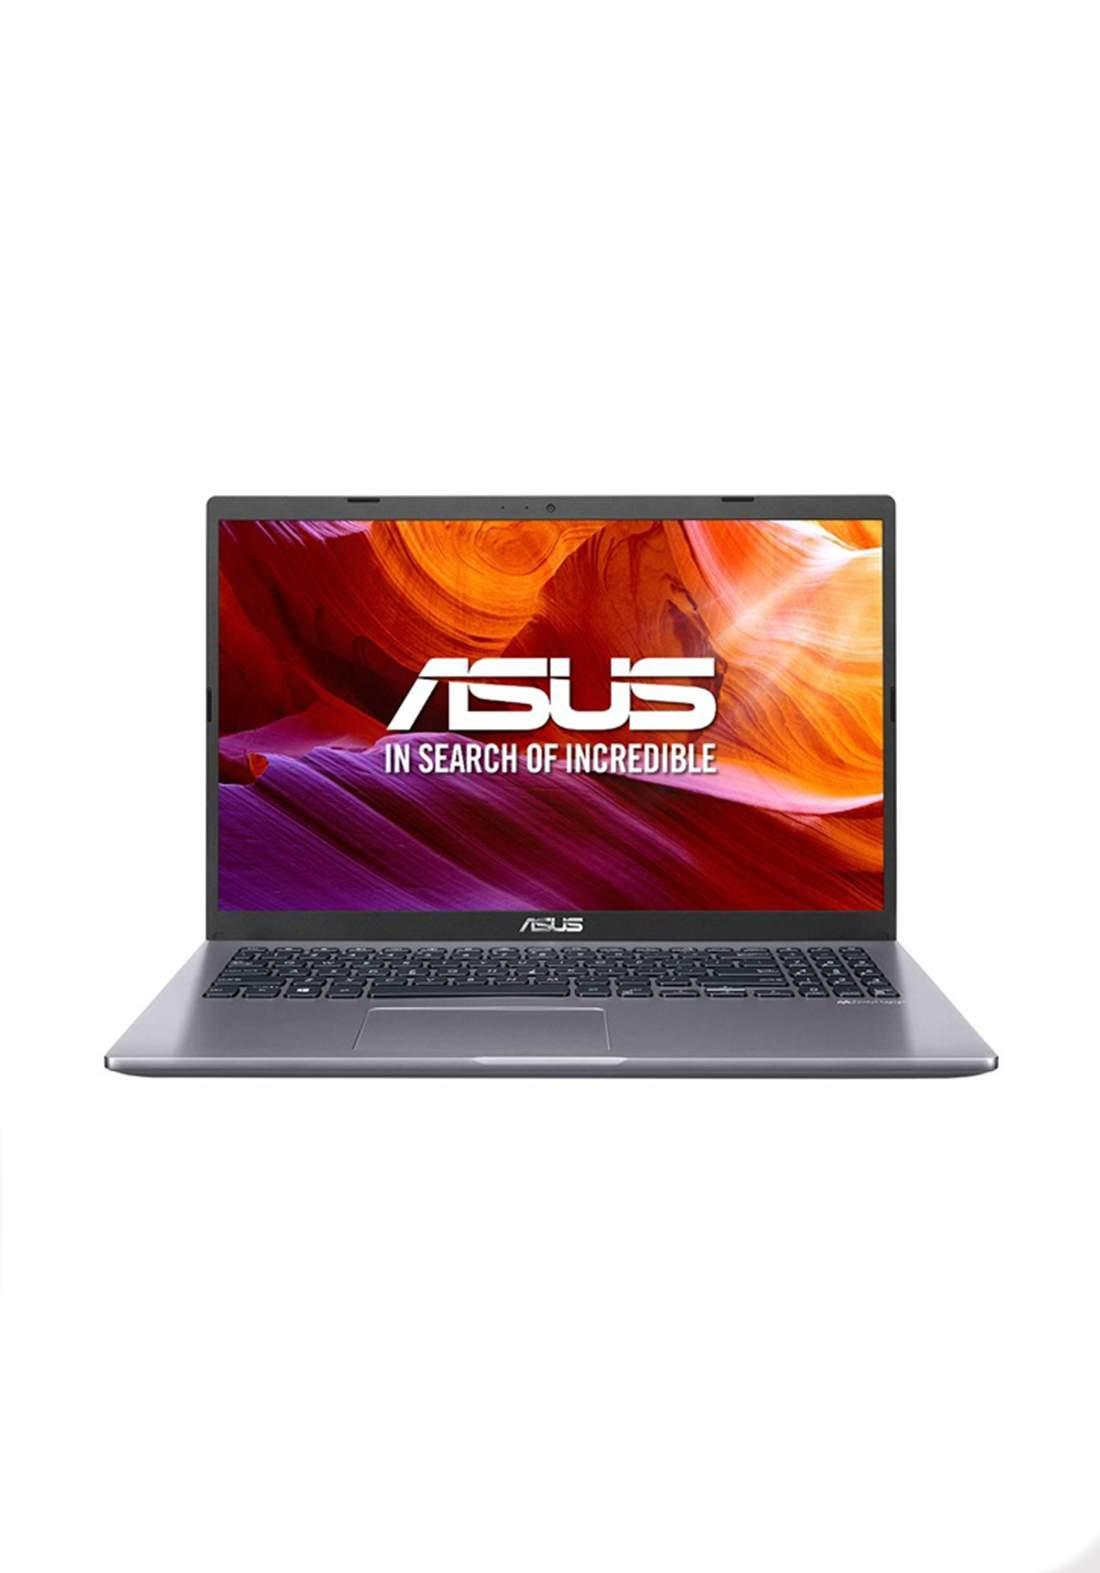 ASUS X509JB-EJ044 Core i7-1065G7 8GB RAM 1TB Laptop - Grey